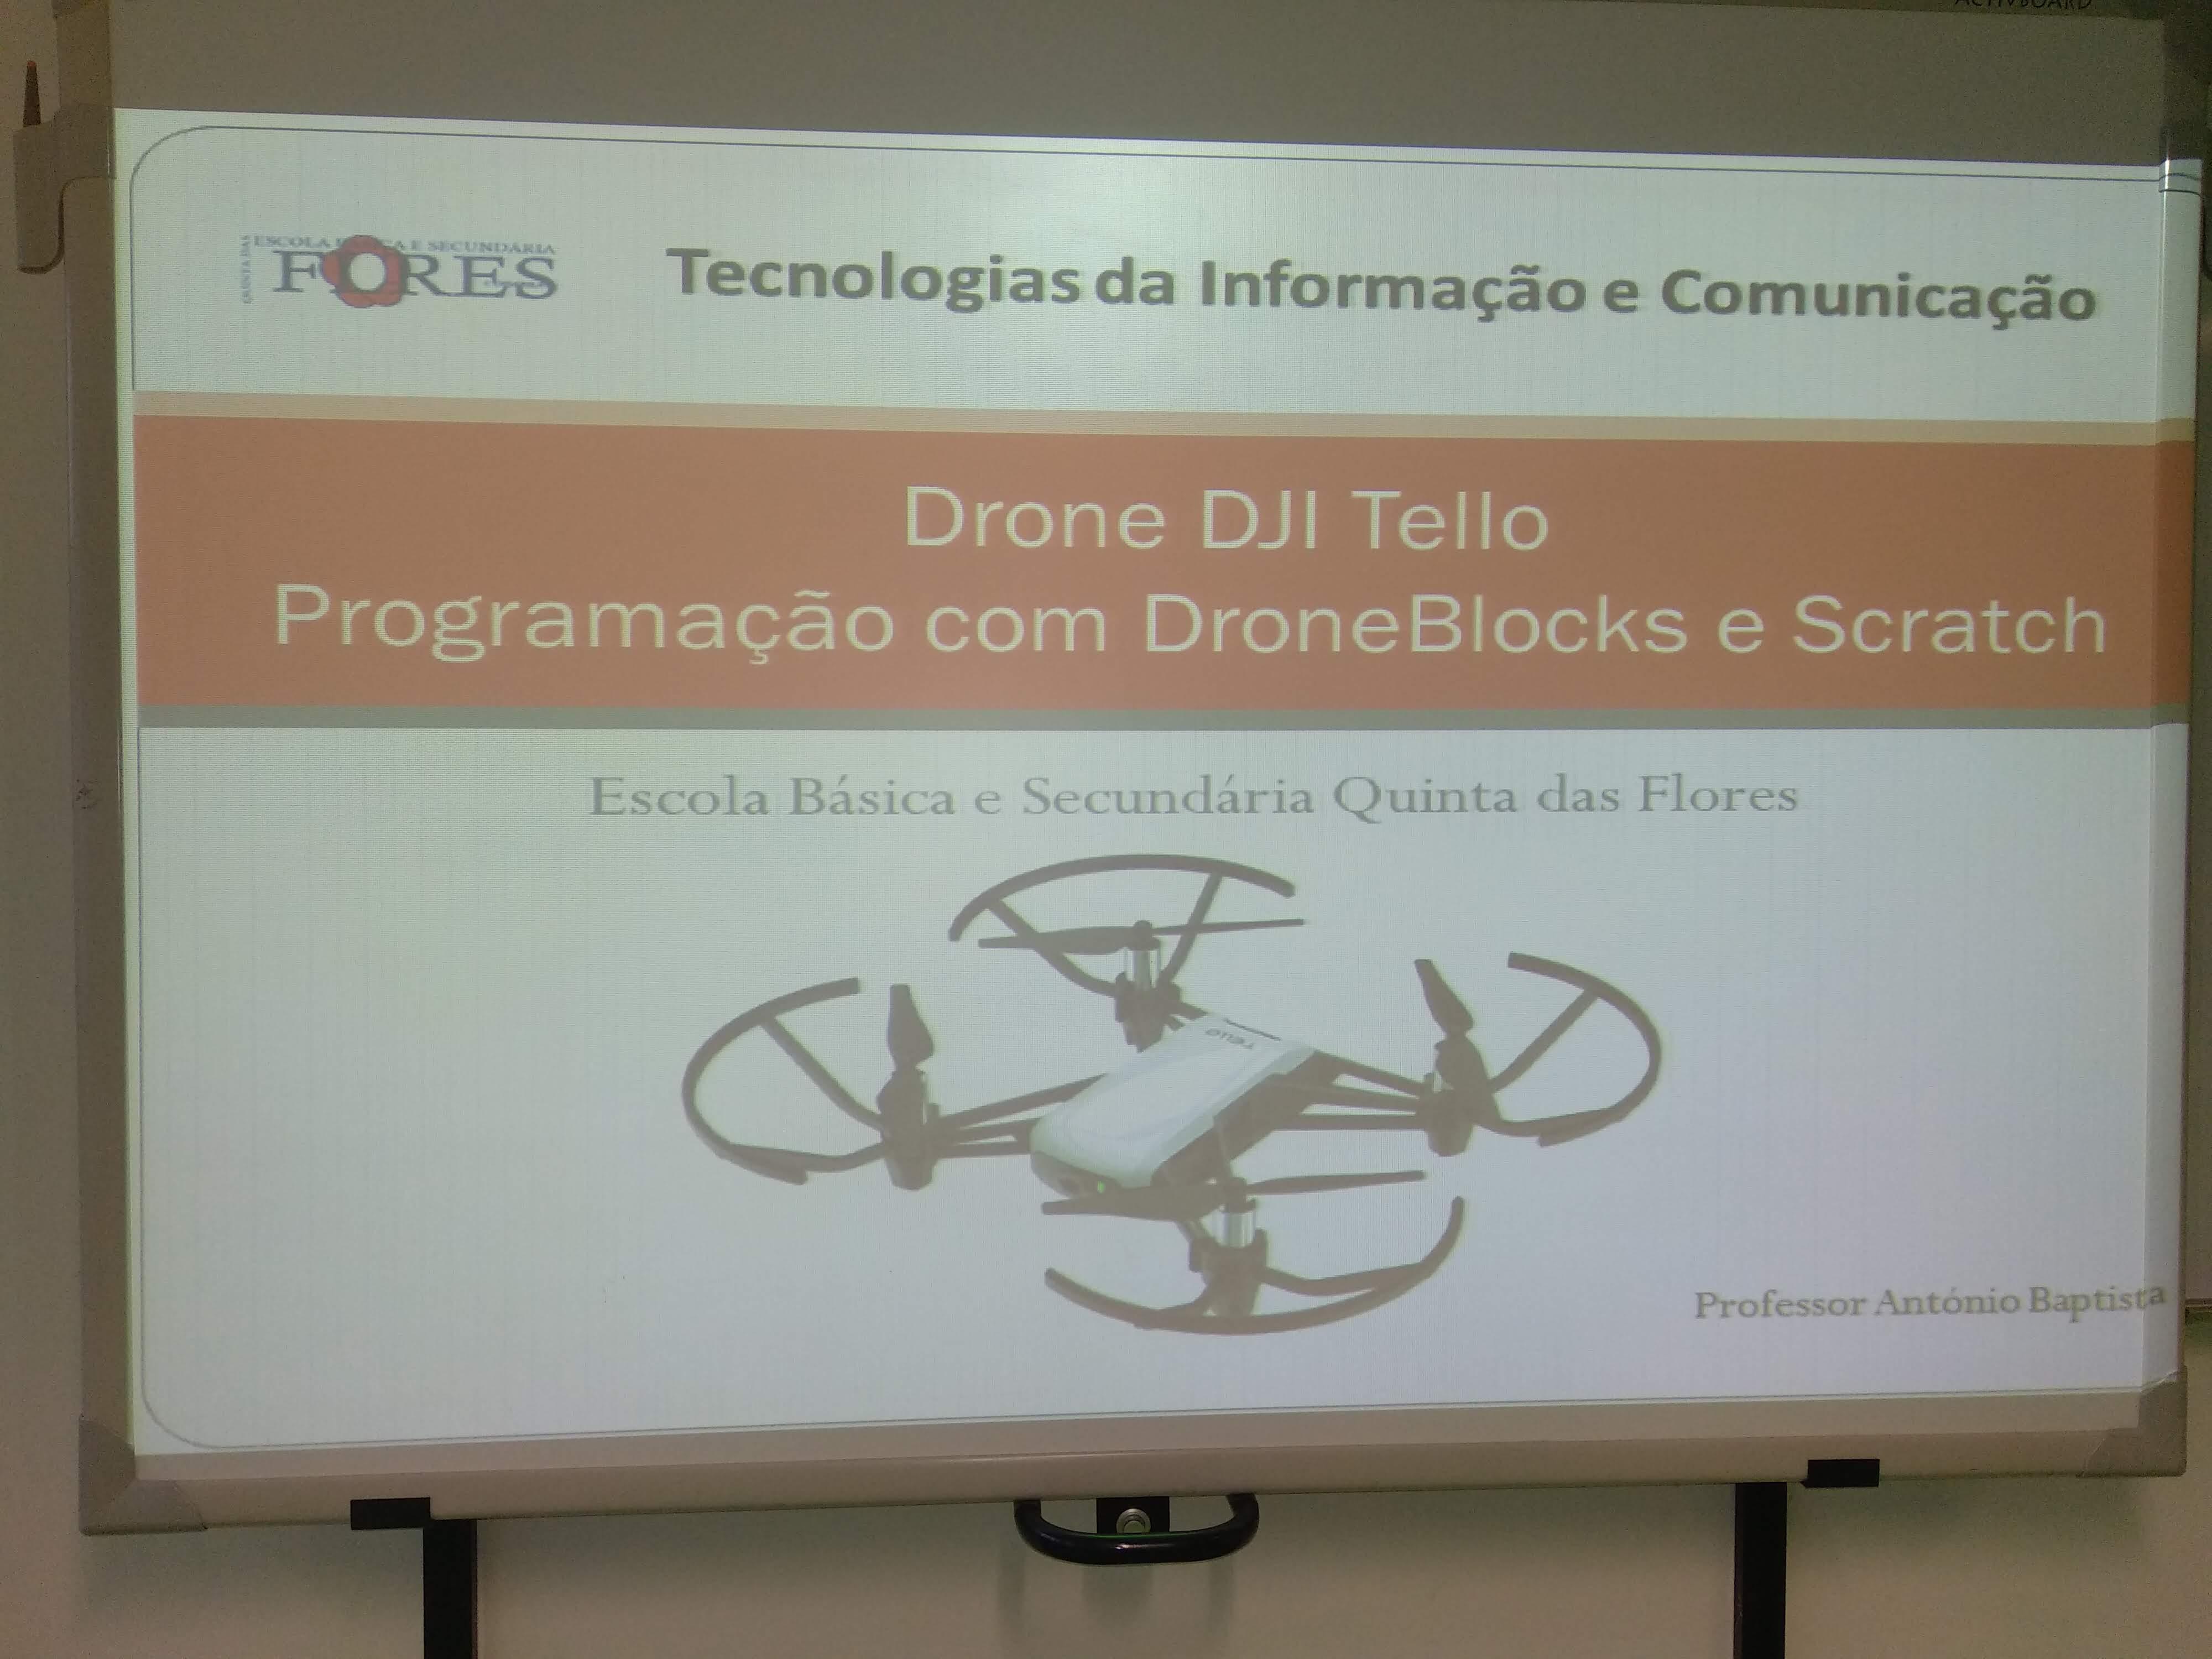 Escola Básica e Secundária Quinta das Flores ensina alunos a programar Drones